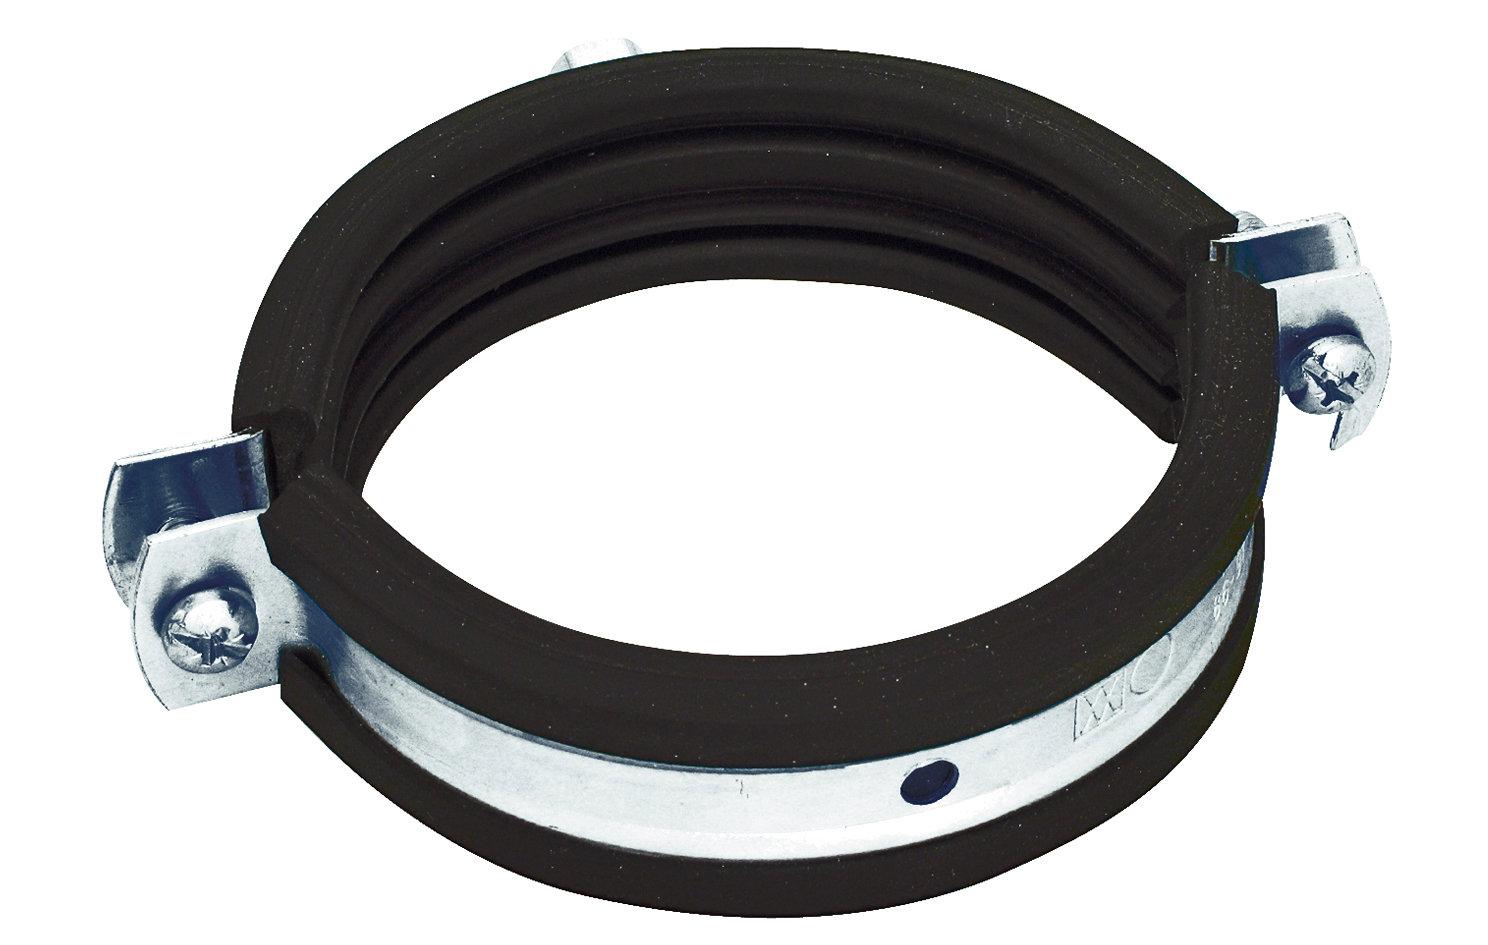 Airone Хомут с резиновым профилем для воздуховода D 125 мм